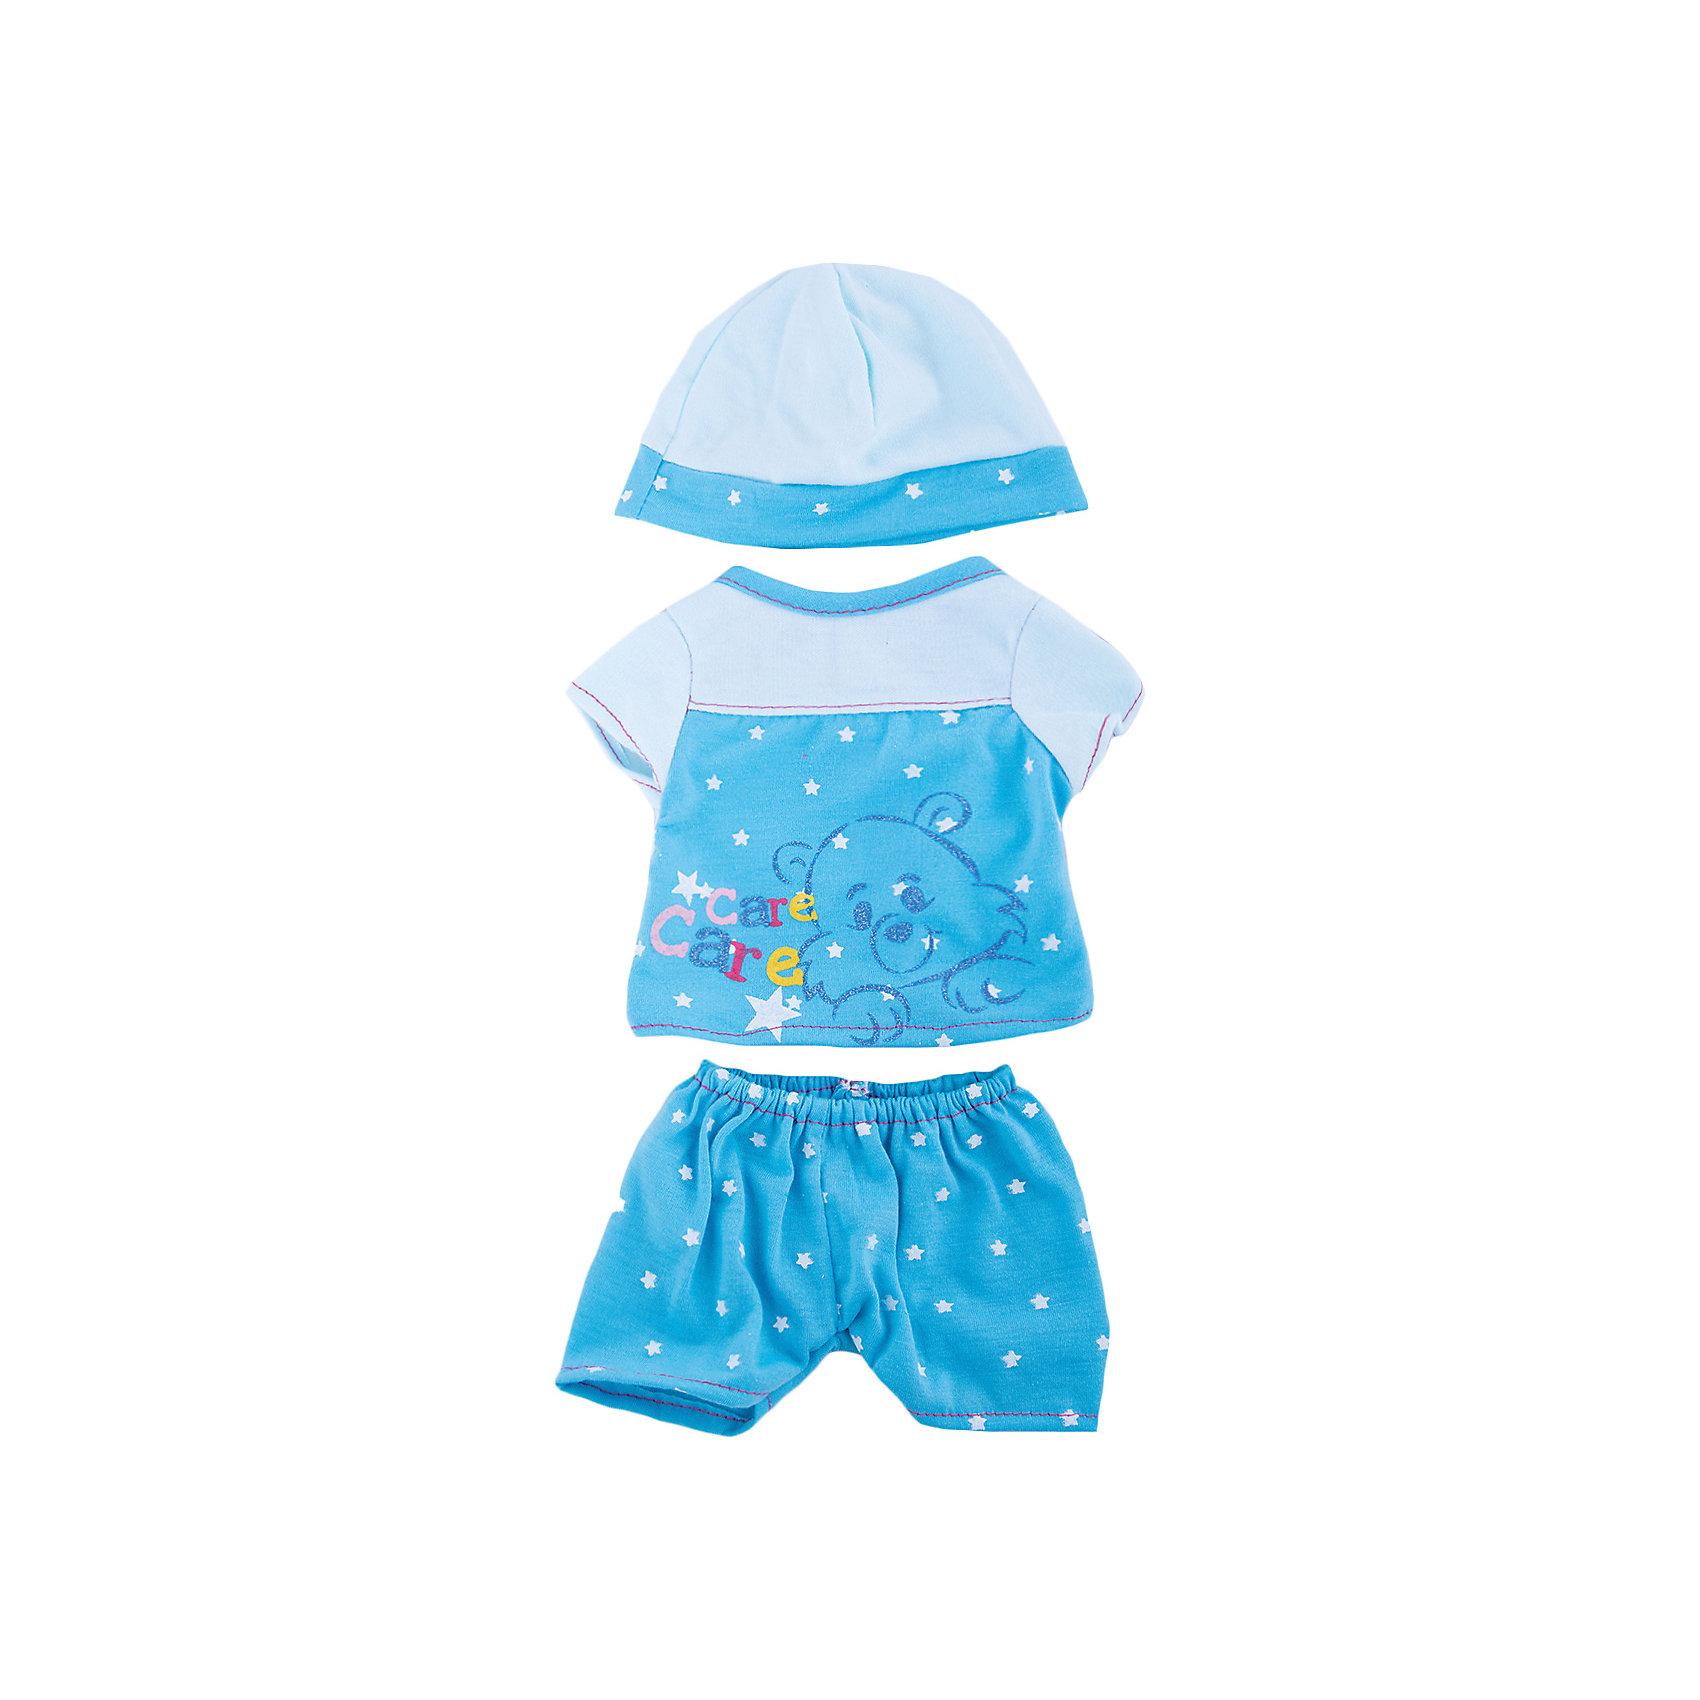 Одежда для кукол Пижама в наборе с шапочкойКукольная одежда и аксессуары<br>Одежда для кукол: пижама в наборе с шапочкой, размер: 30x20см, текстильные материалы, от 1 года<br><br>Ширина мм: 300<br>Глубина мм: 200<br>Высота мм: 10<br>Вес г: 521<br>Возраст от месяцев: 36<br>Возраст до месяцев: 144<br>Пол: Женский<br>Возраст: Детский<br>SKU: 4896511